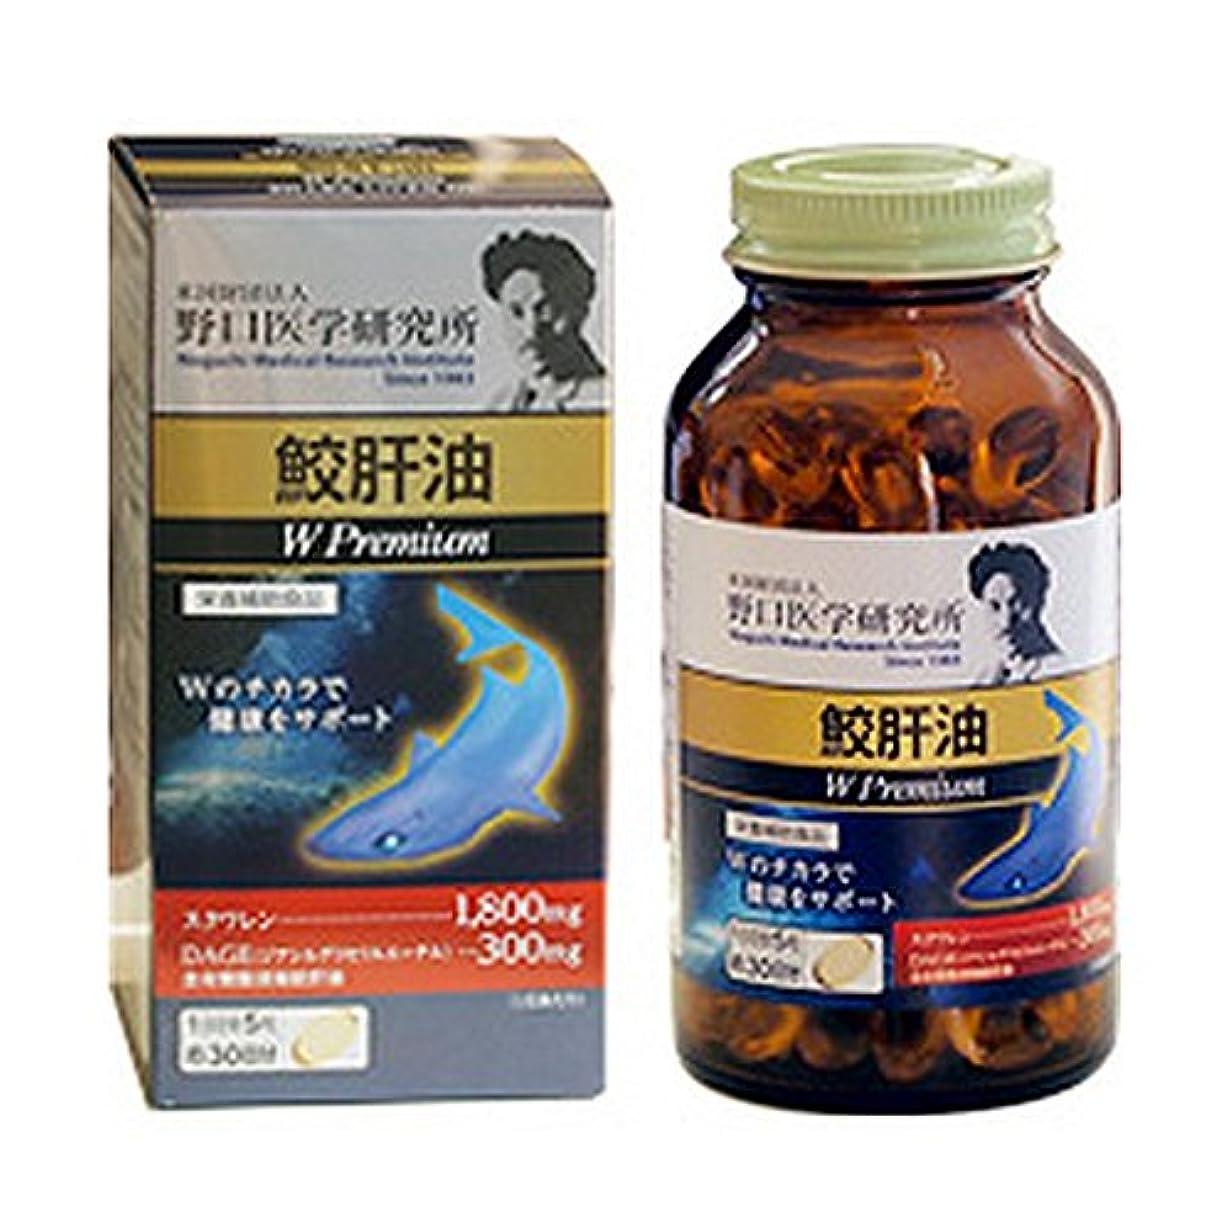 後者自動みなさん野口医学研究所 鮫肝油 W Premium 150粒